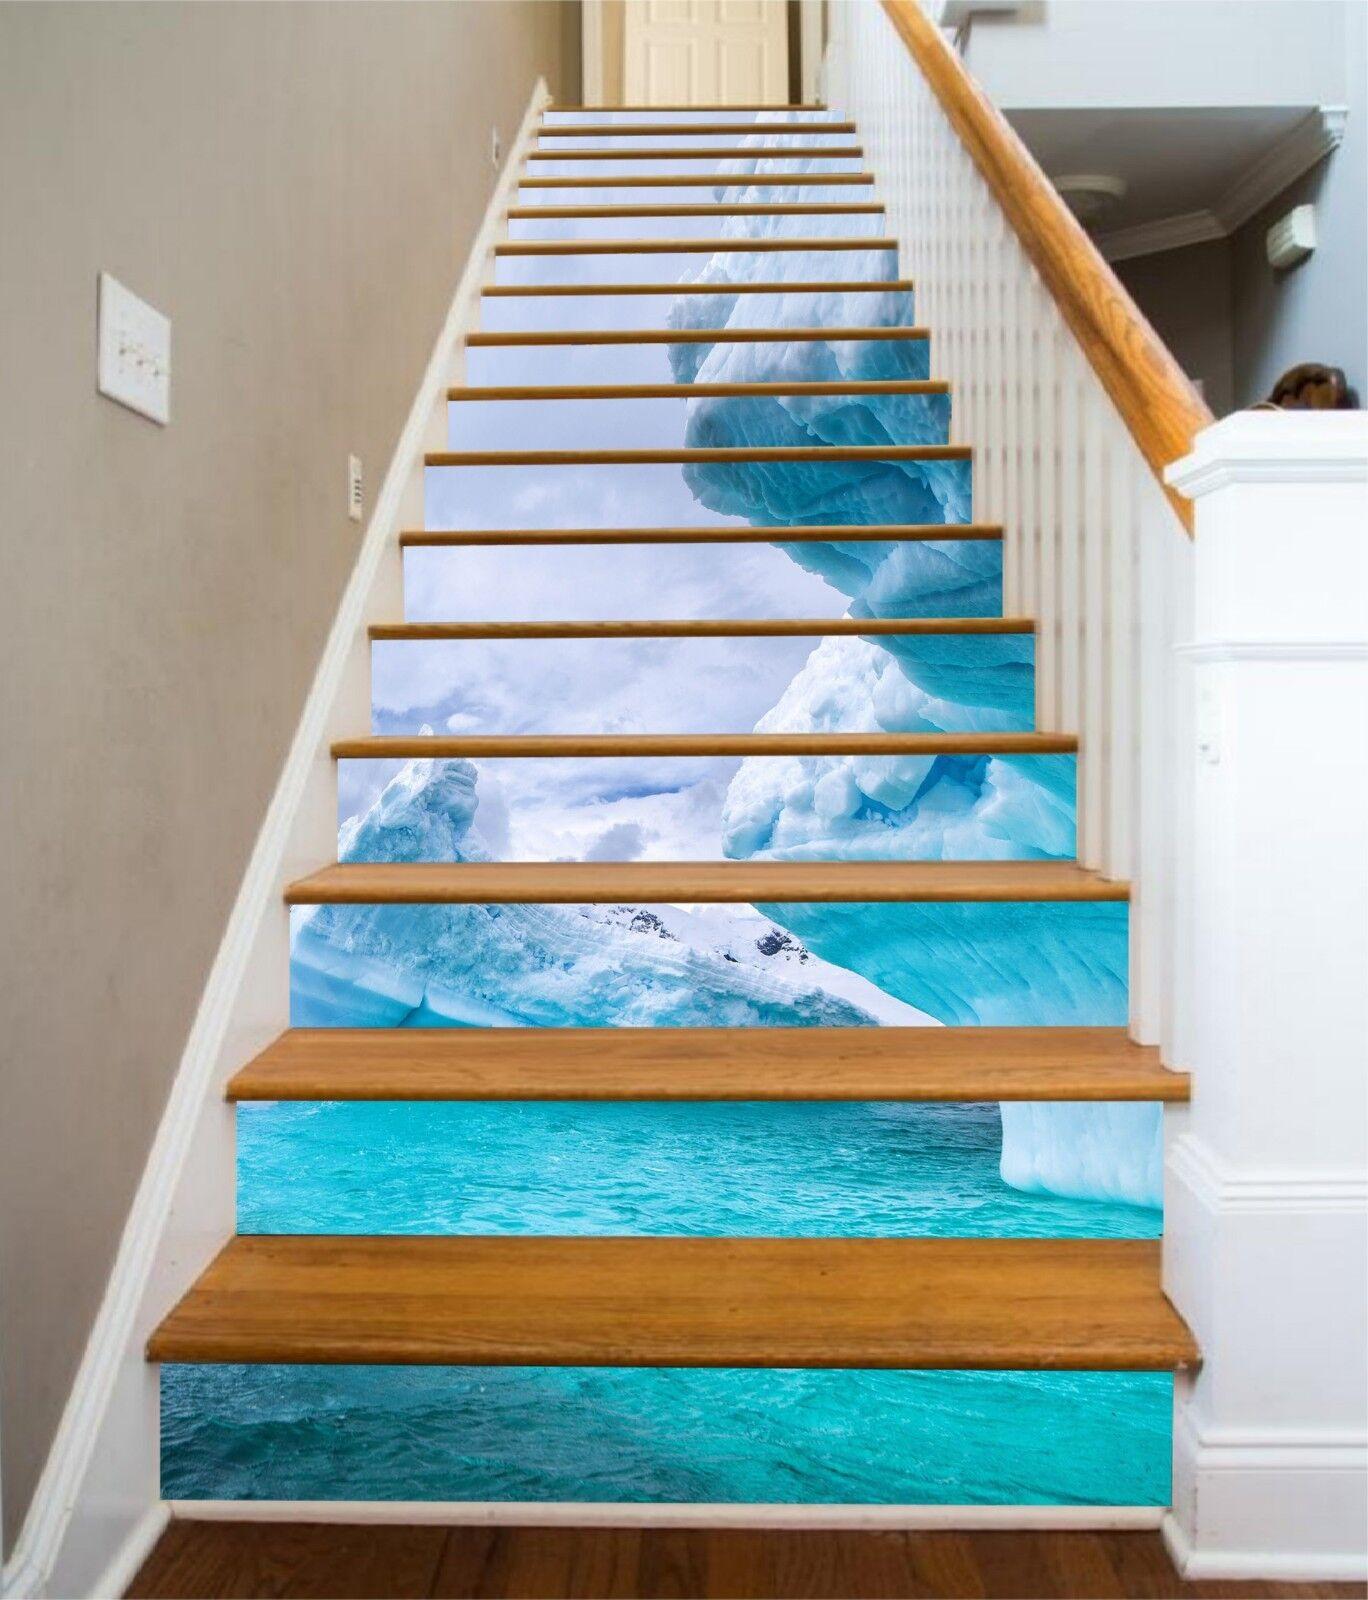 3D Bule Ocean Stair Risers Decoration Photo Mural Vinyl Decal Wallpaper US